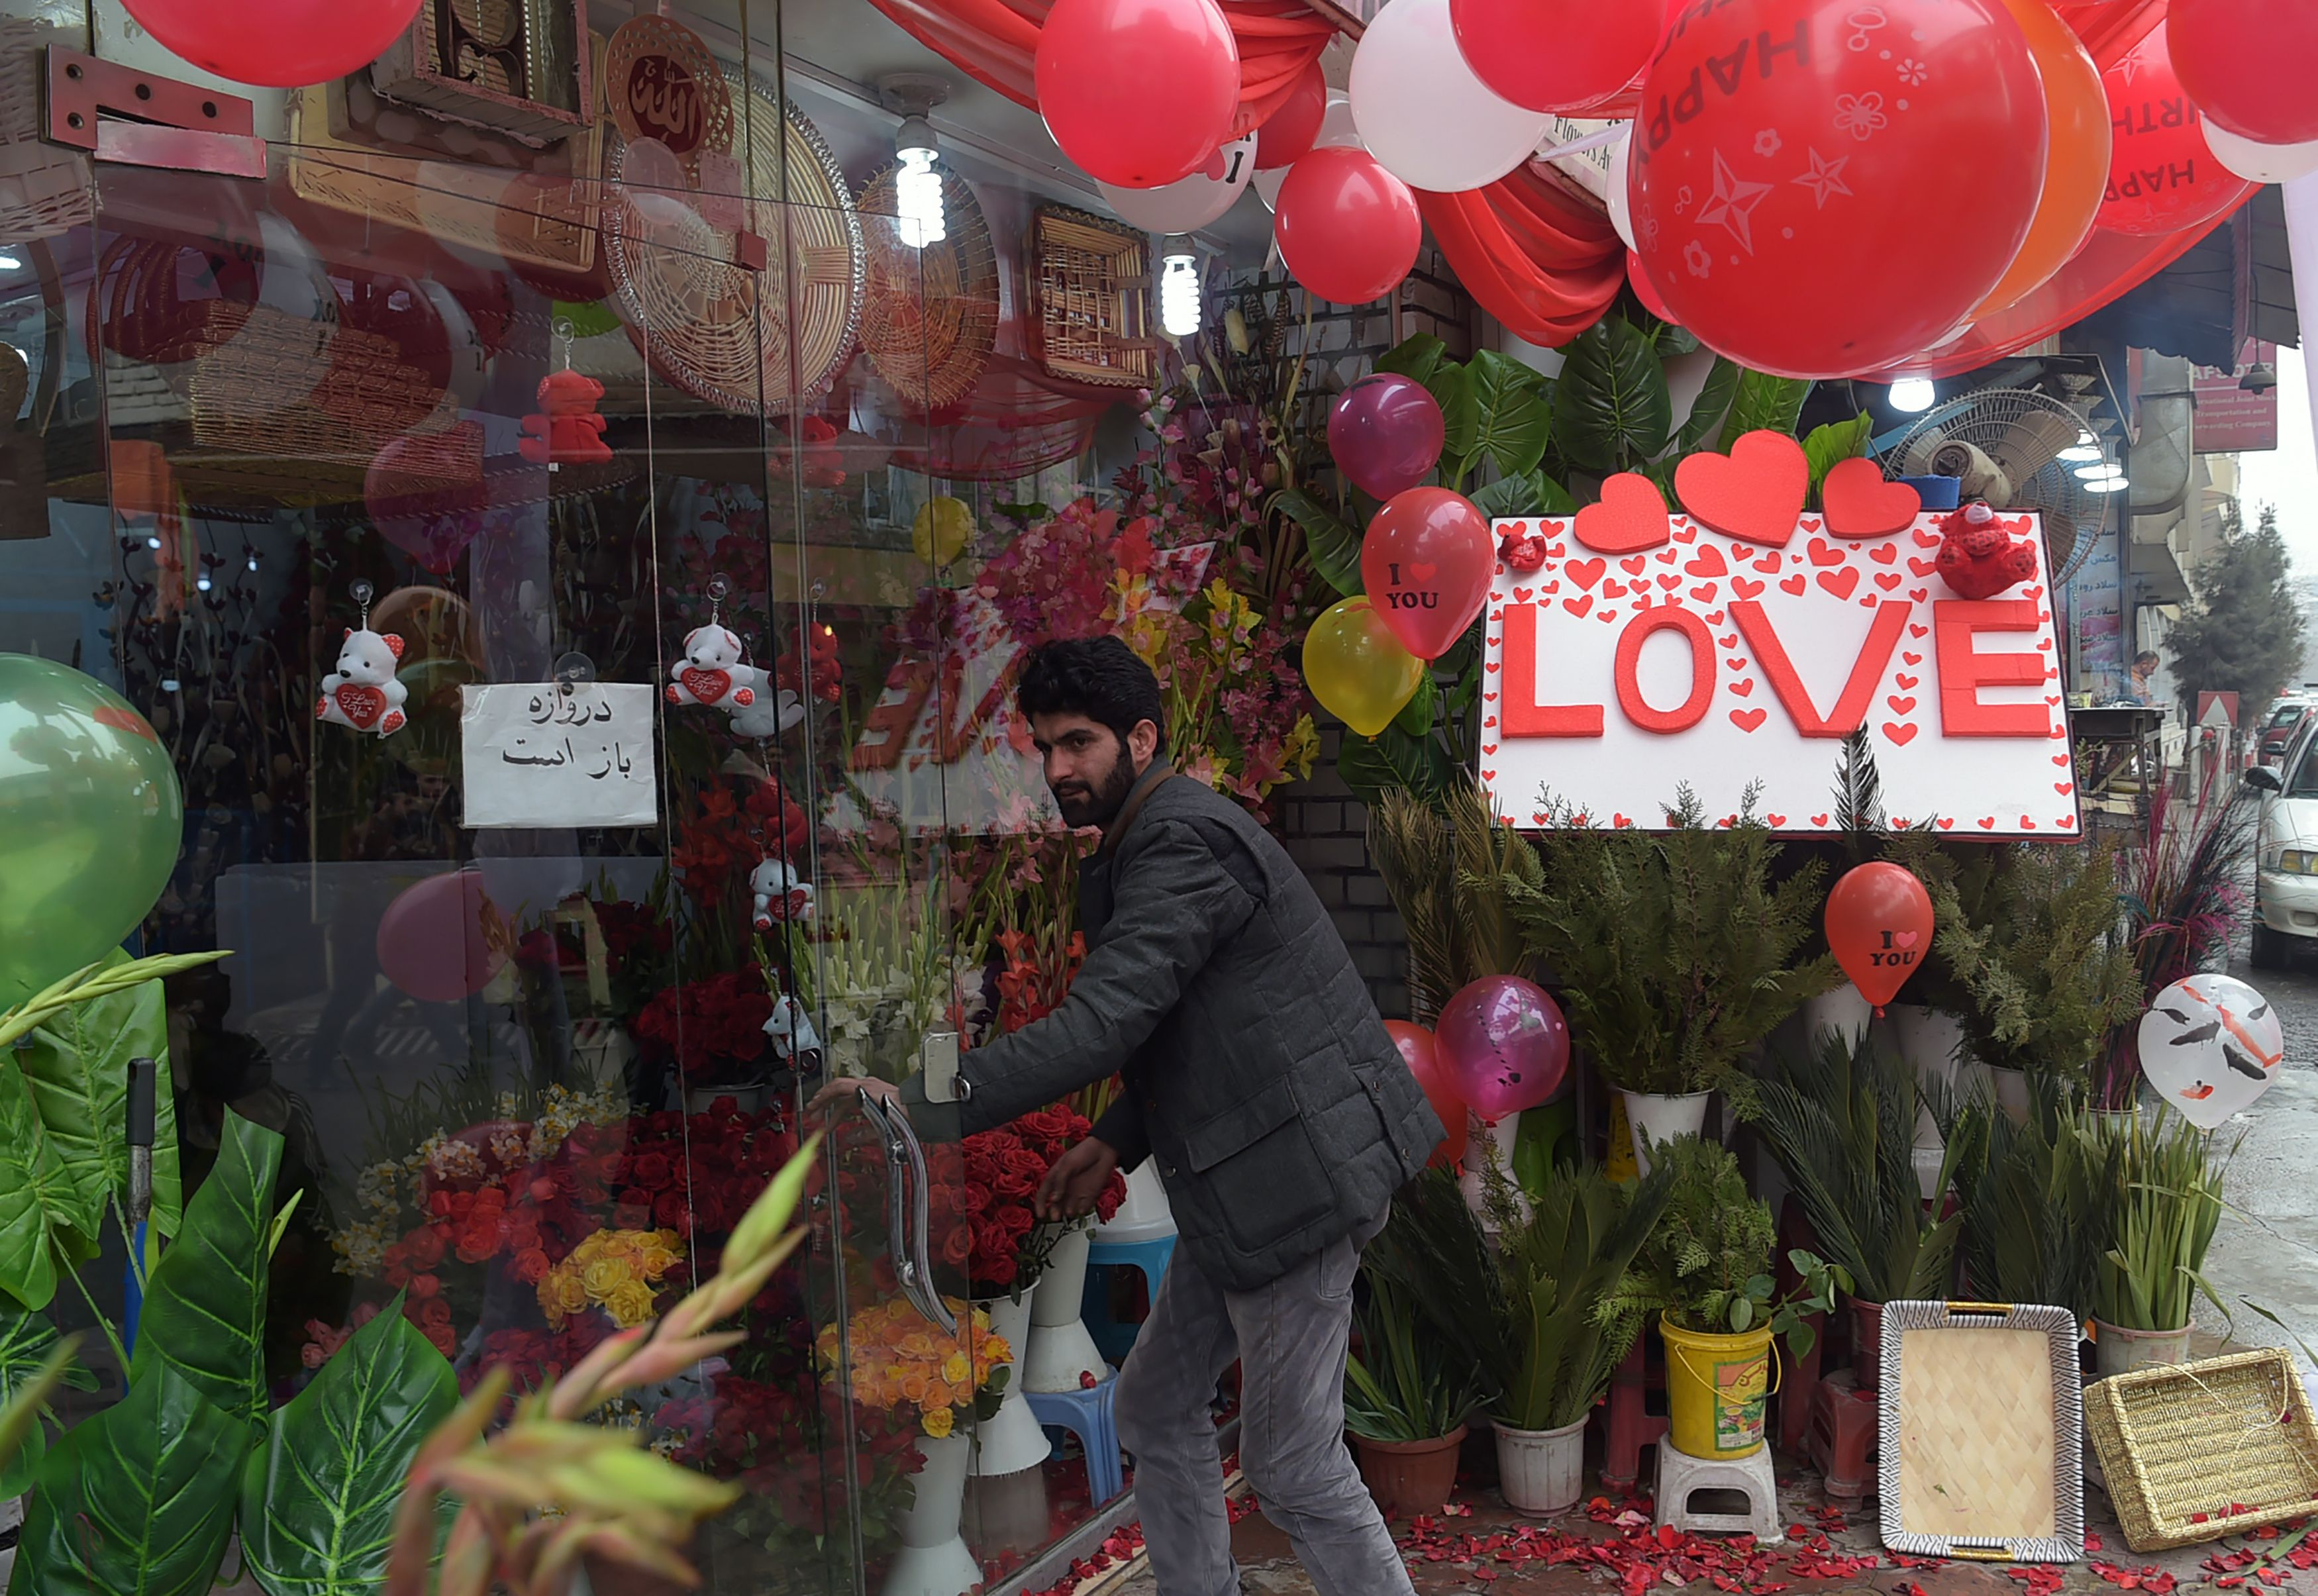 أحد المتاجر تتزين بالقلوب والورود بالتزامن مع انطلاق عيد الحب